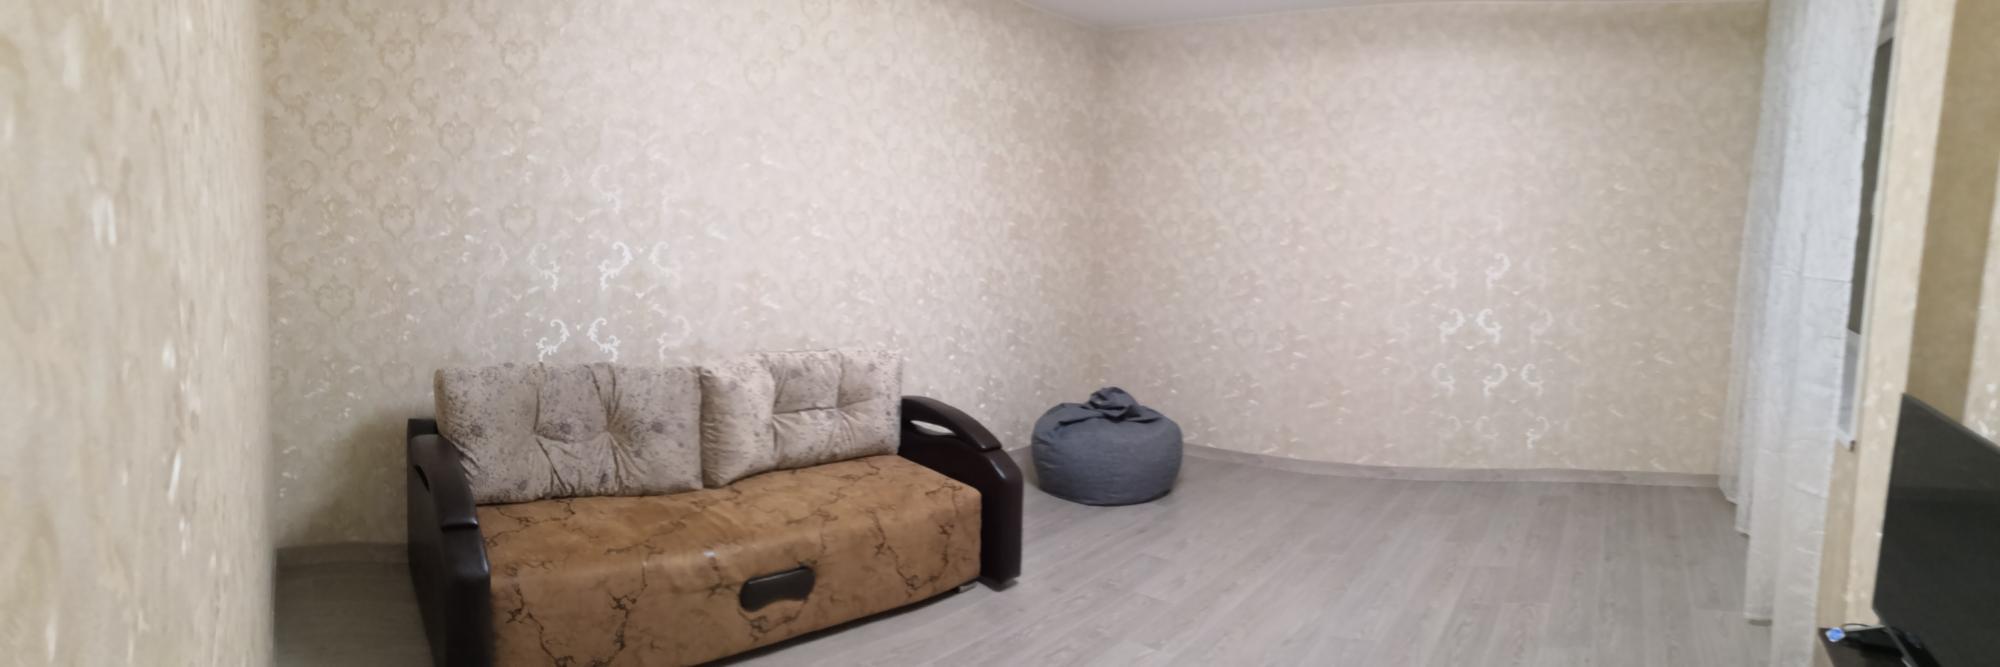 Квартира, 3 комнаты, 74 м² в Щербинке 89990025182 купить 8